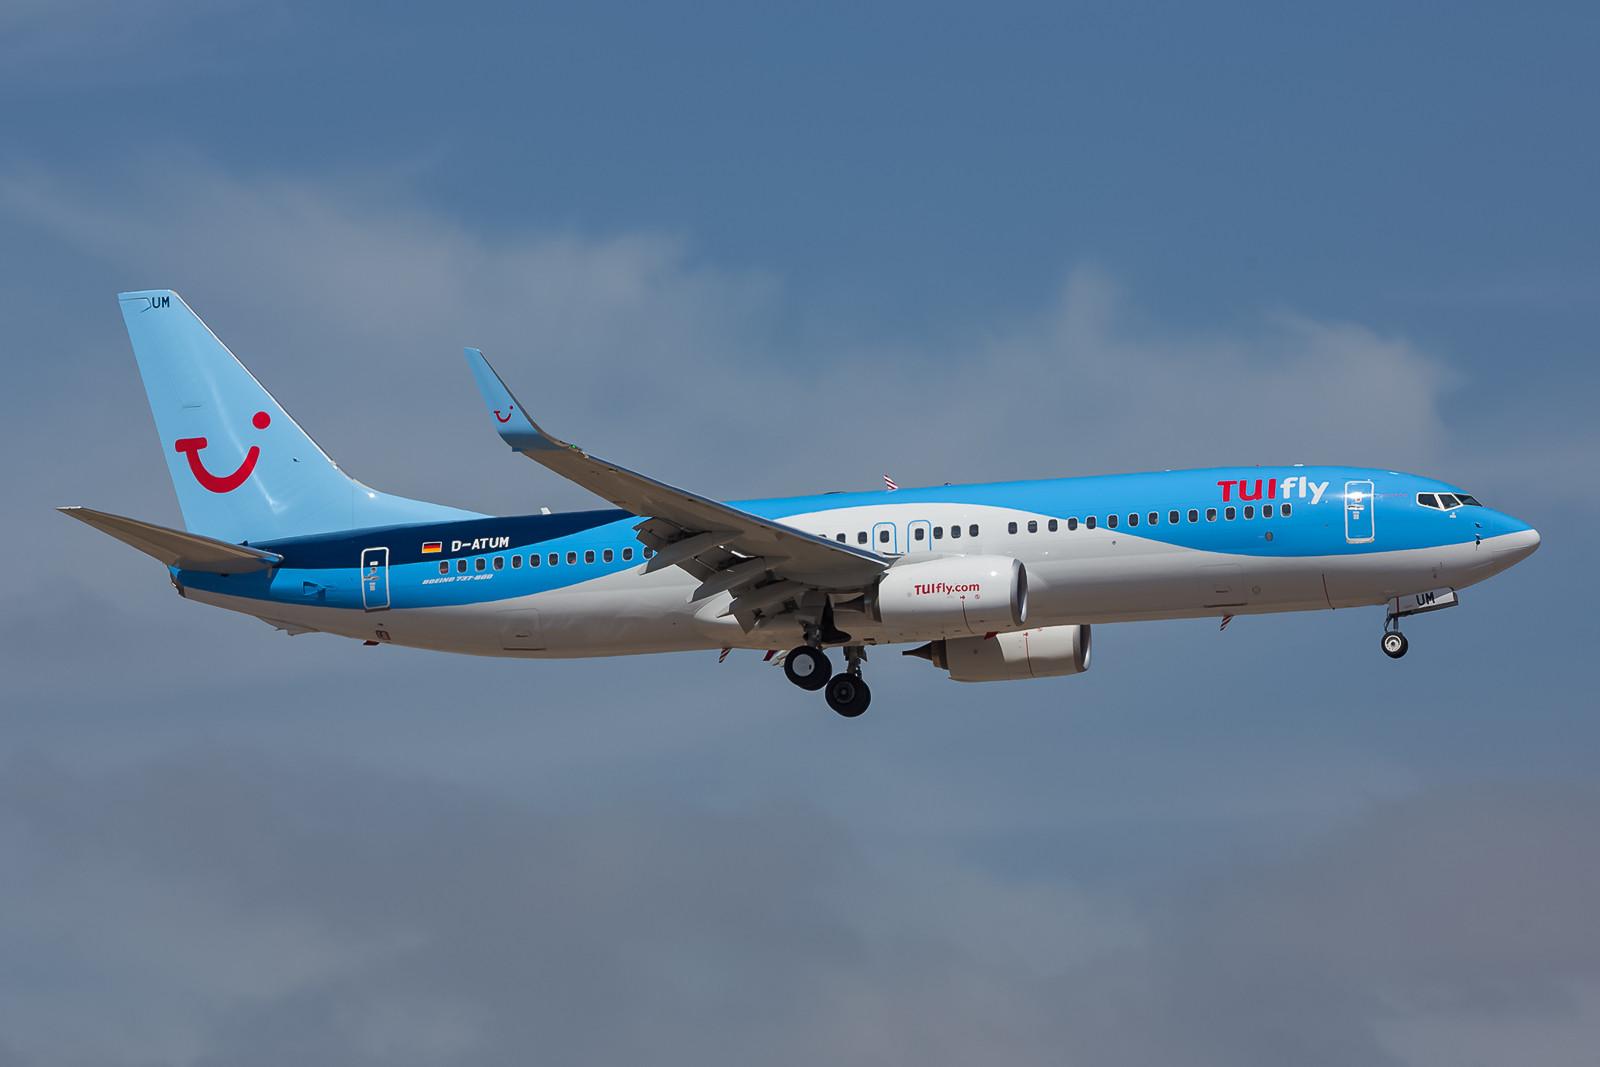 Brandneu in der Flotte ist diese Boeing 737-8K5 D-ATUM, die als derzeit einzige deutsche Maschine die neuen Farben trägt.